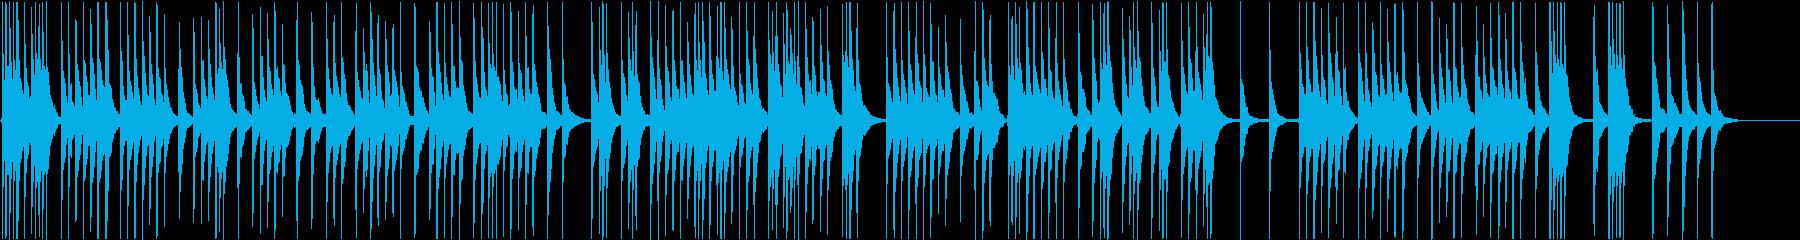 琴のみ単旋律・ヨナ抜き短音階の和曲の再生済みの波形